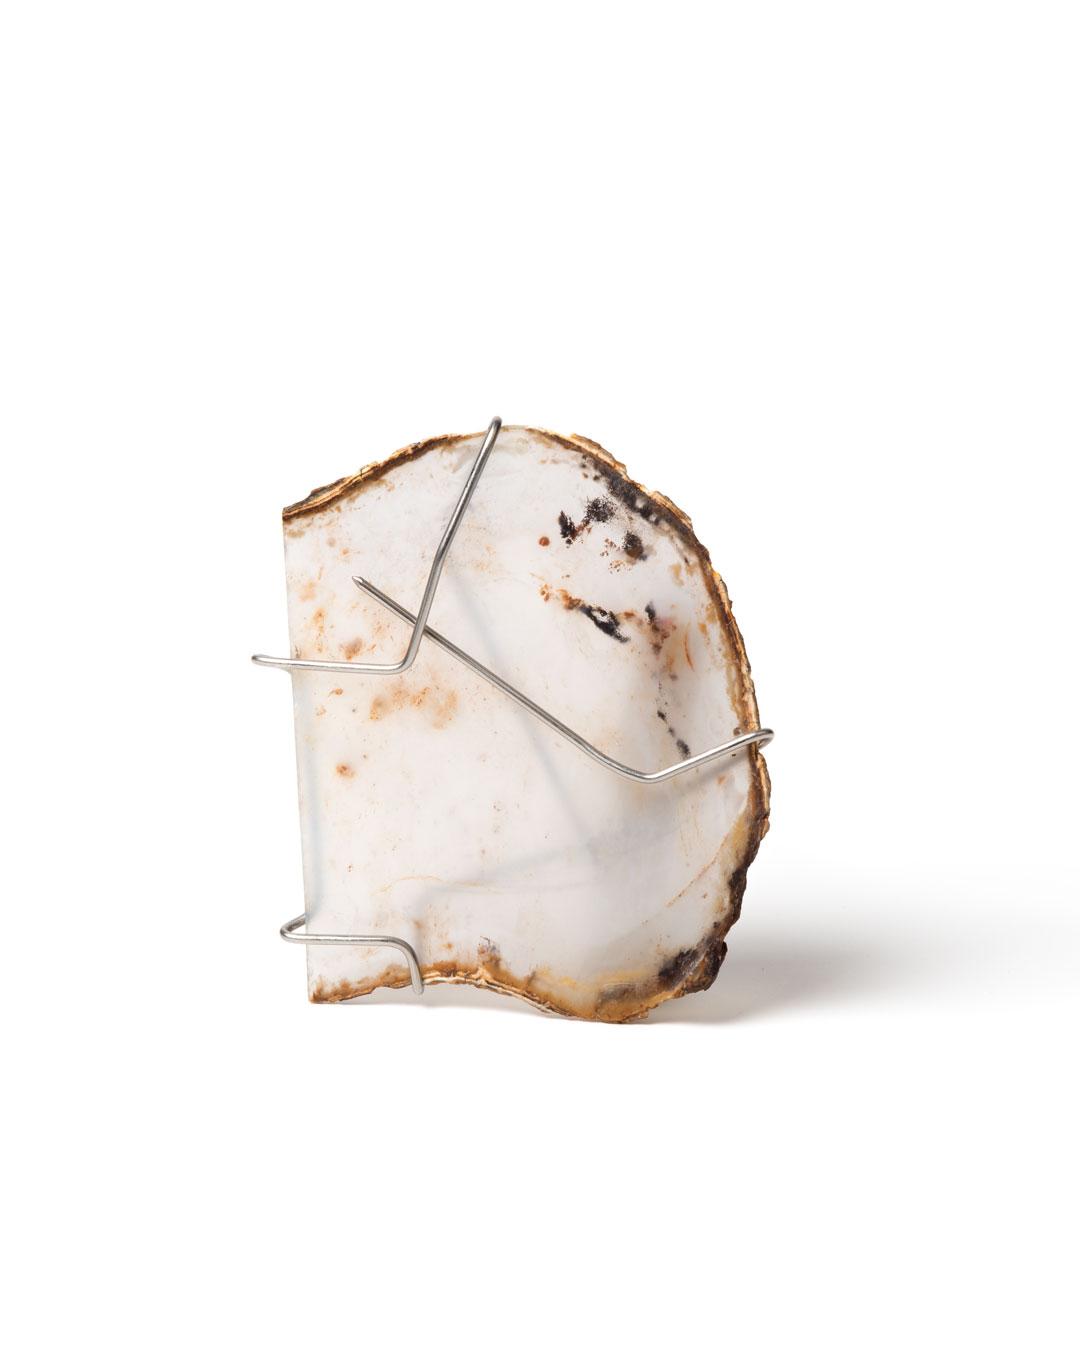 Rudolf Kocéa, Milky II, 2019, brooch; agate, stainless steel, 70 x 90 x 10 mm, €1000